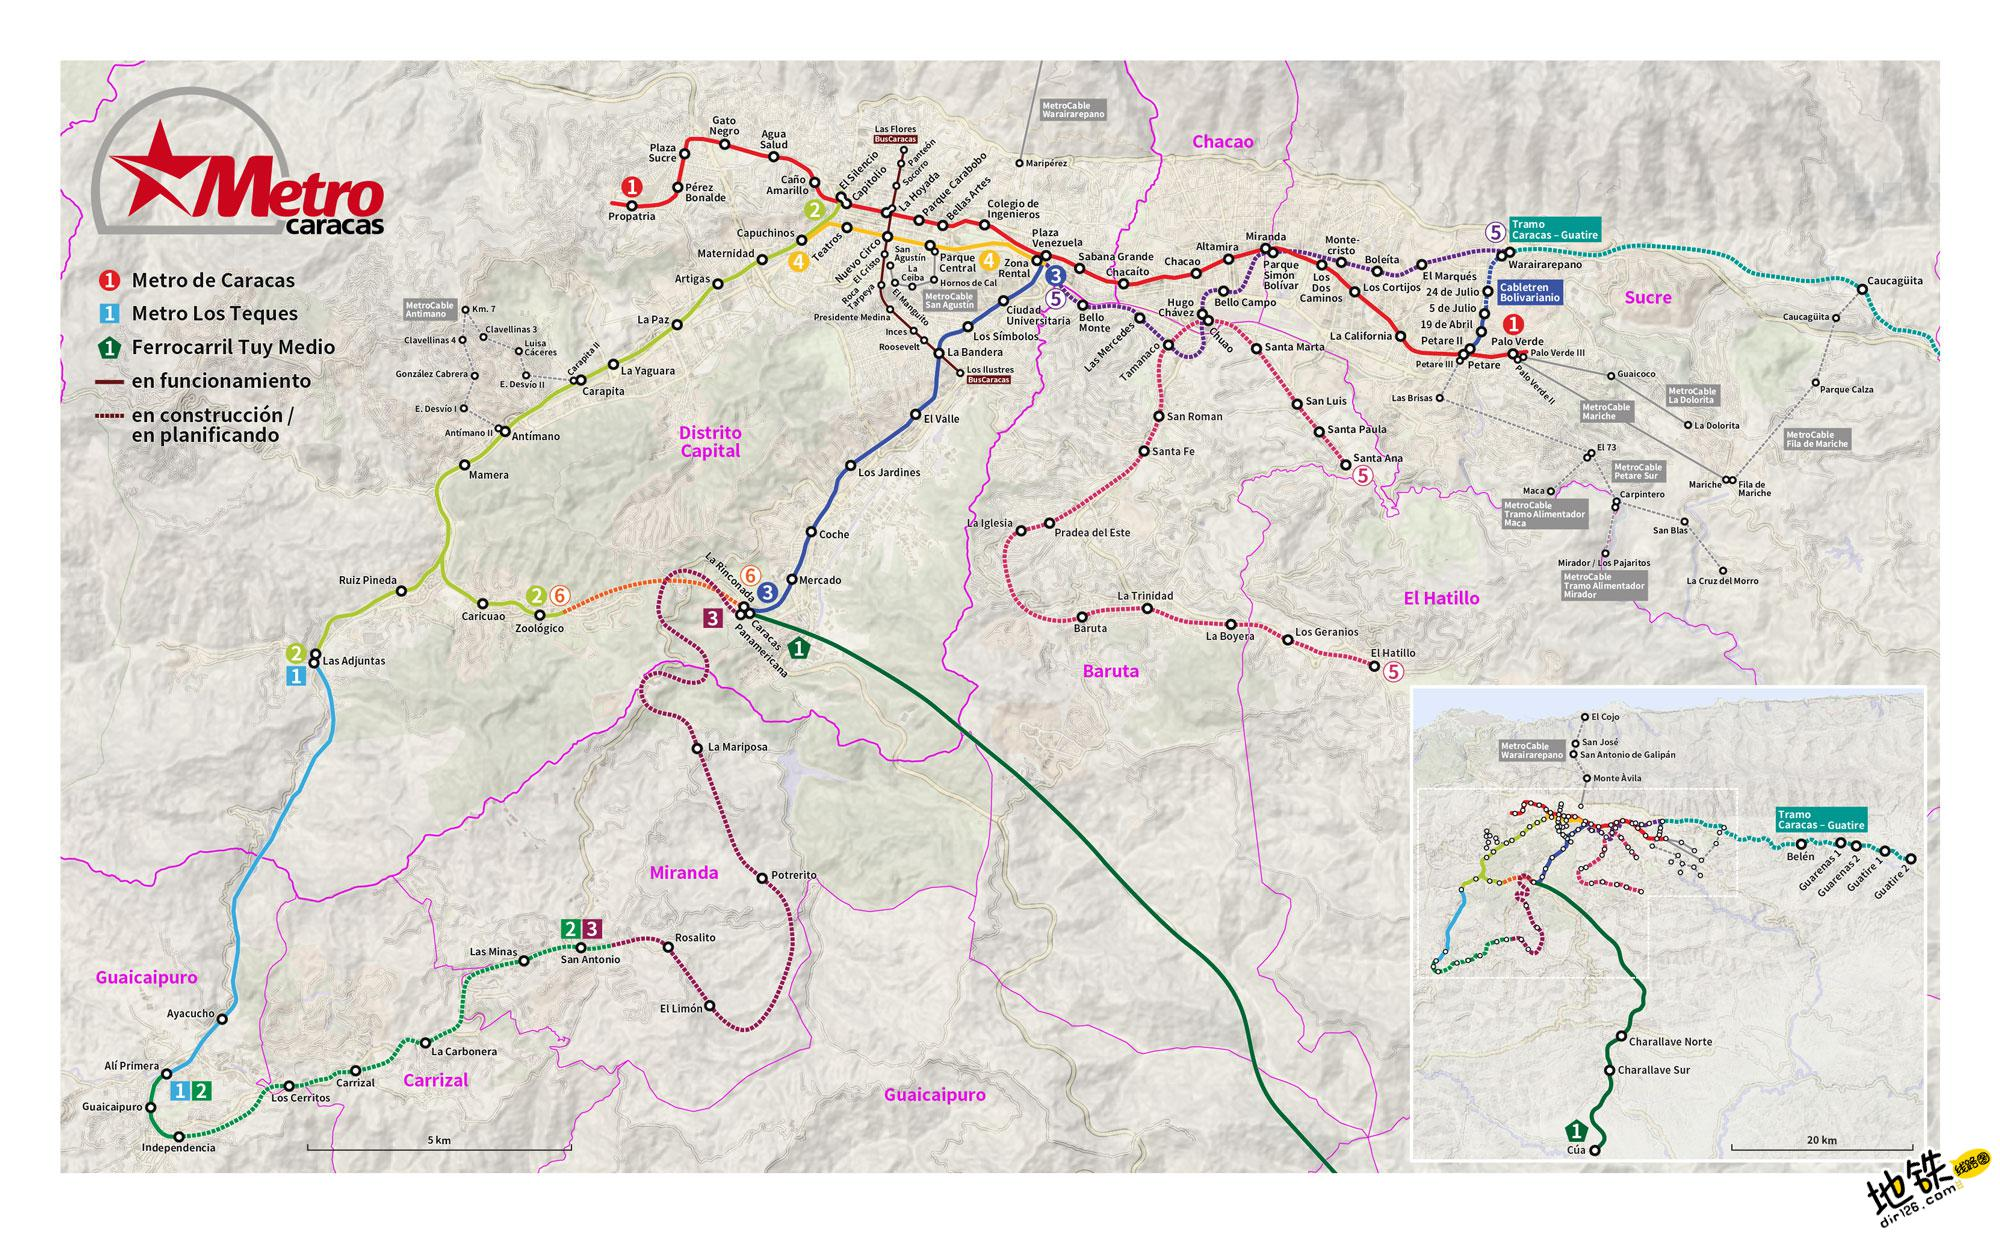 委内瑞拉加拉加斯地铁线路图 运营时间票价站点 查询下载 加拉加斯地铁票价查询 加拉加斯地铁运营时间 加拉加斯地铁线路图 加拉加斯地铁 委内瑞拉加拉加斯地铁 委内瑞拉地铁线路图  第3张